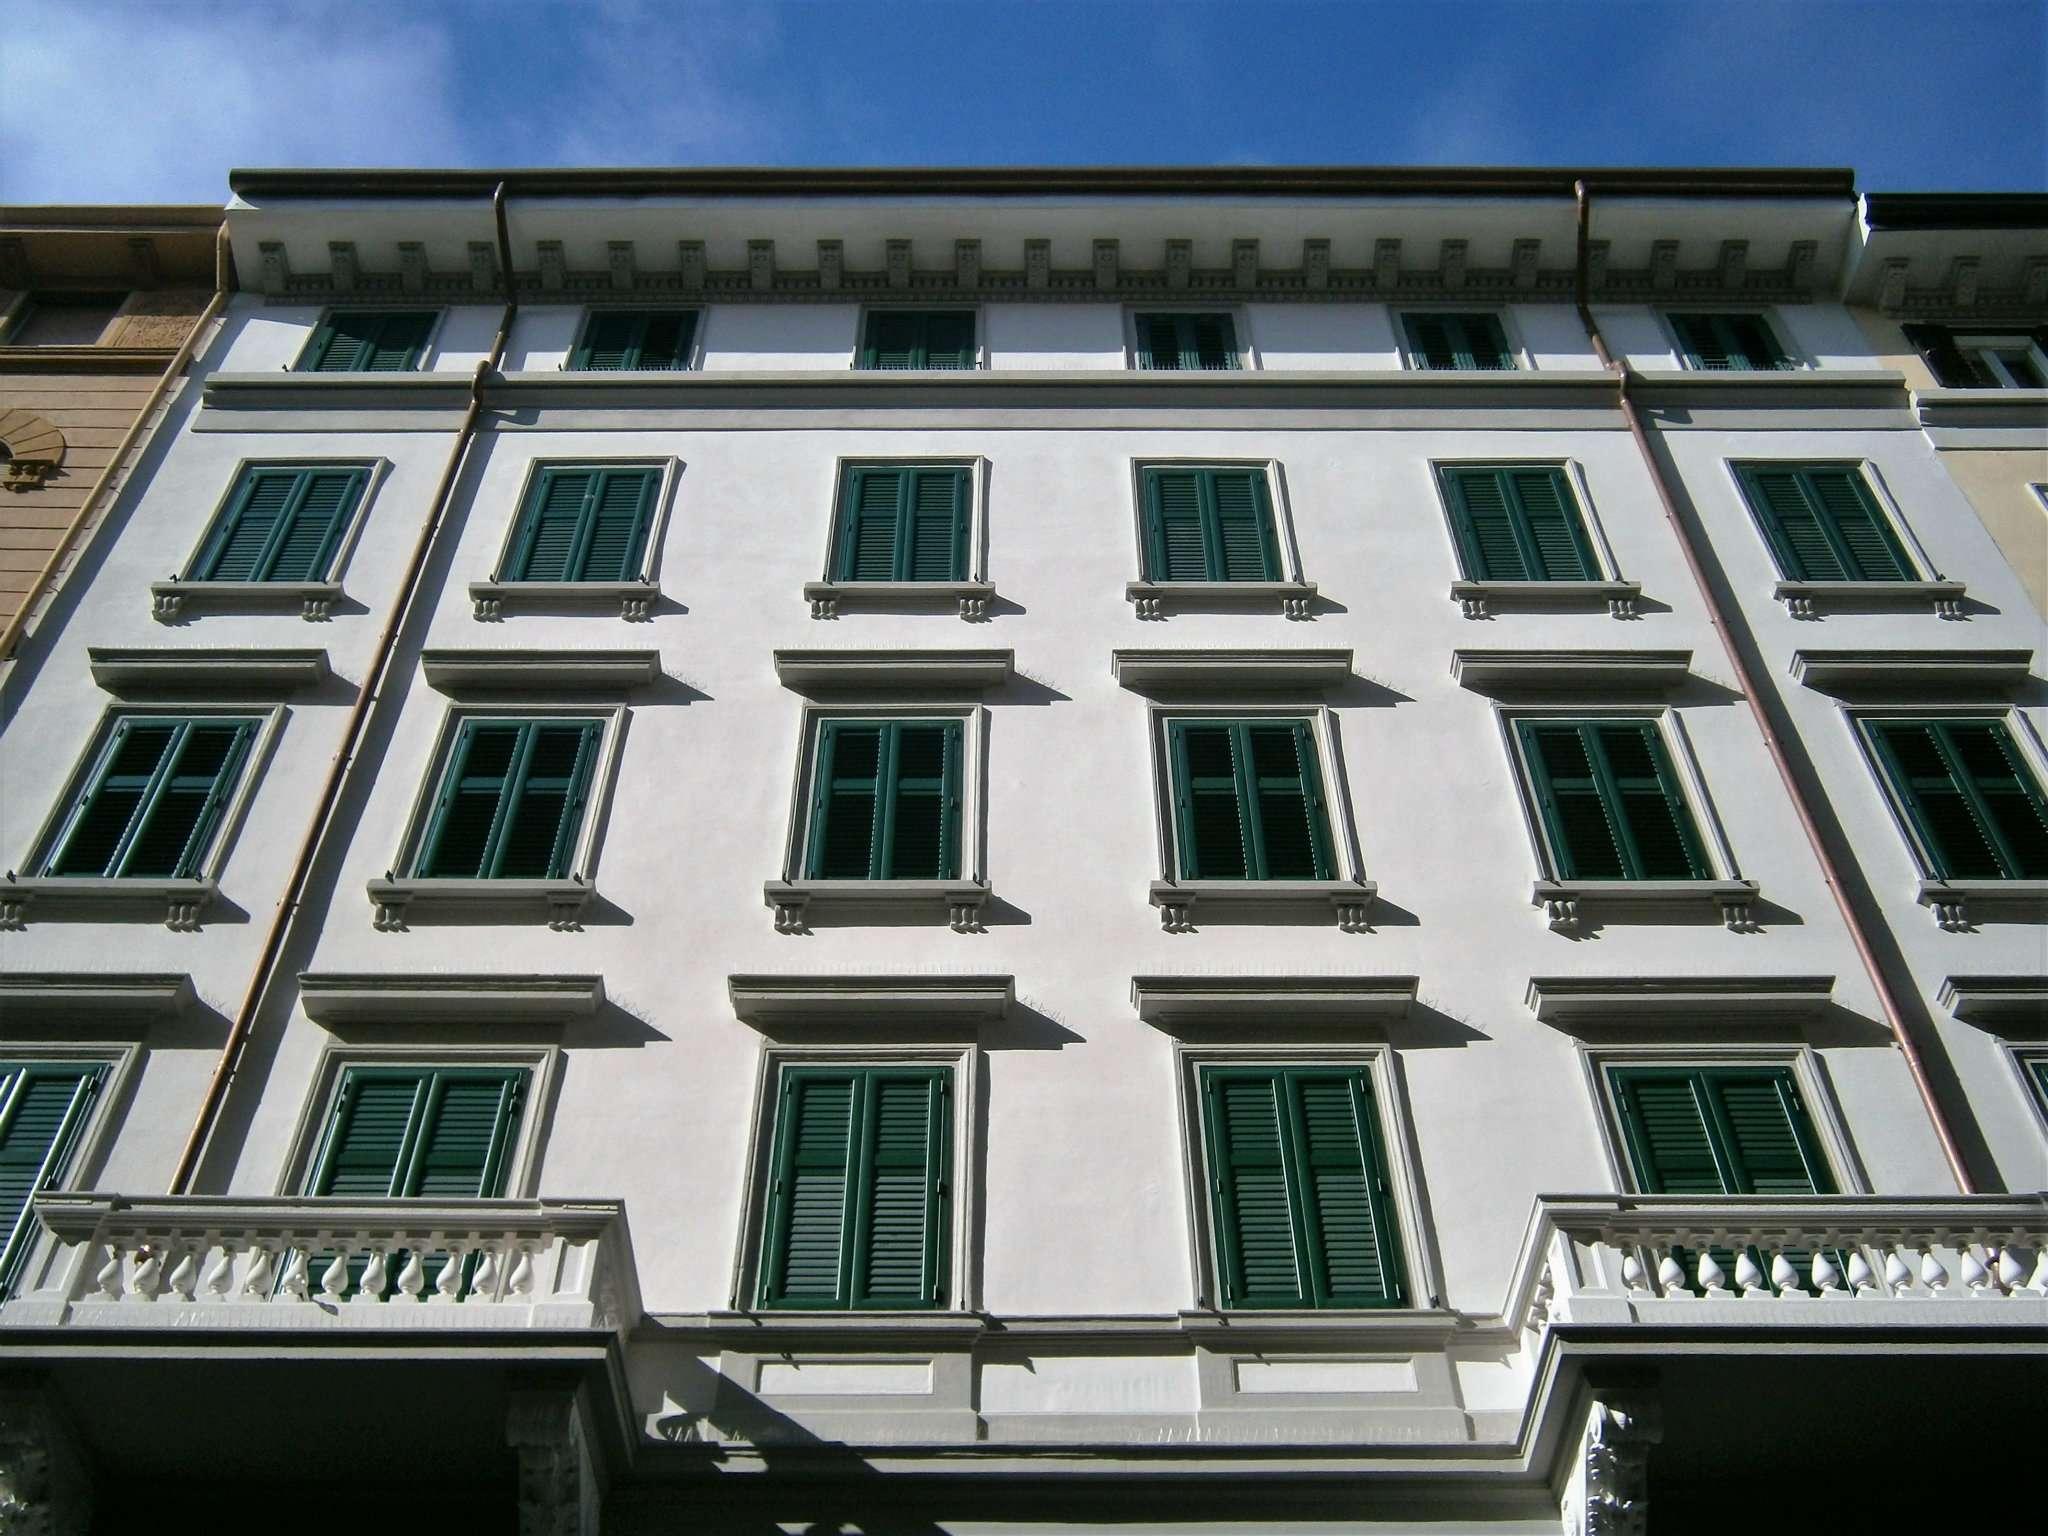 Appartamento in vendita a Trieste, 3 locali, prezzo € 98.000 | Cambio Casa.it